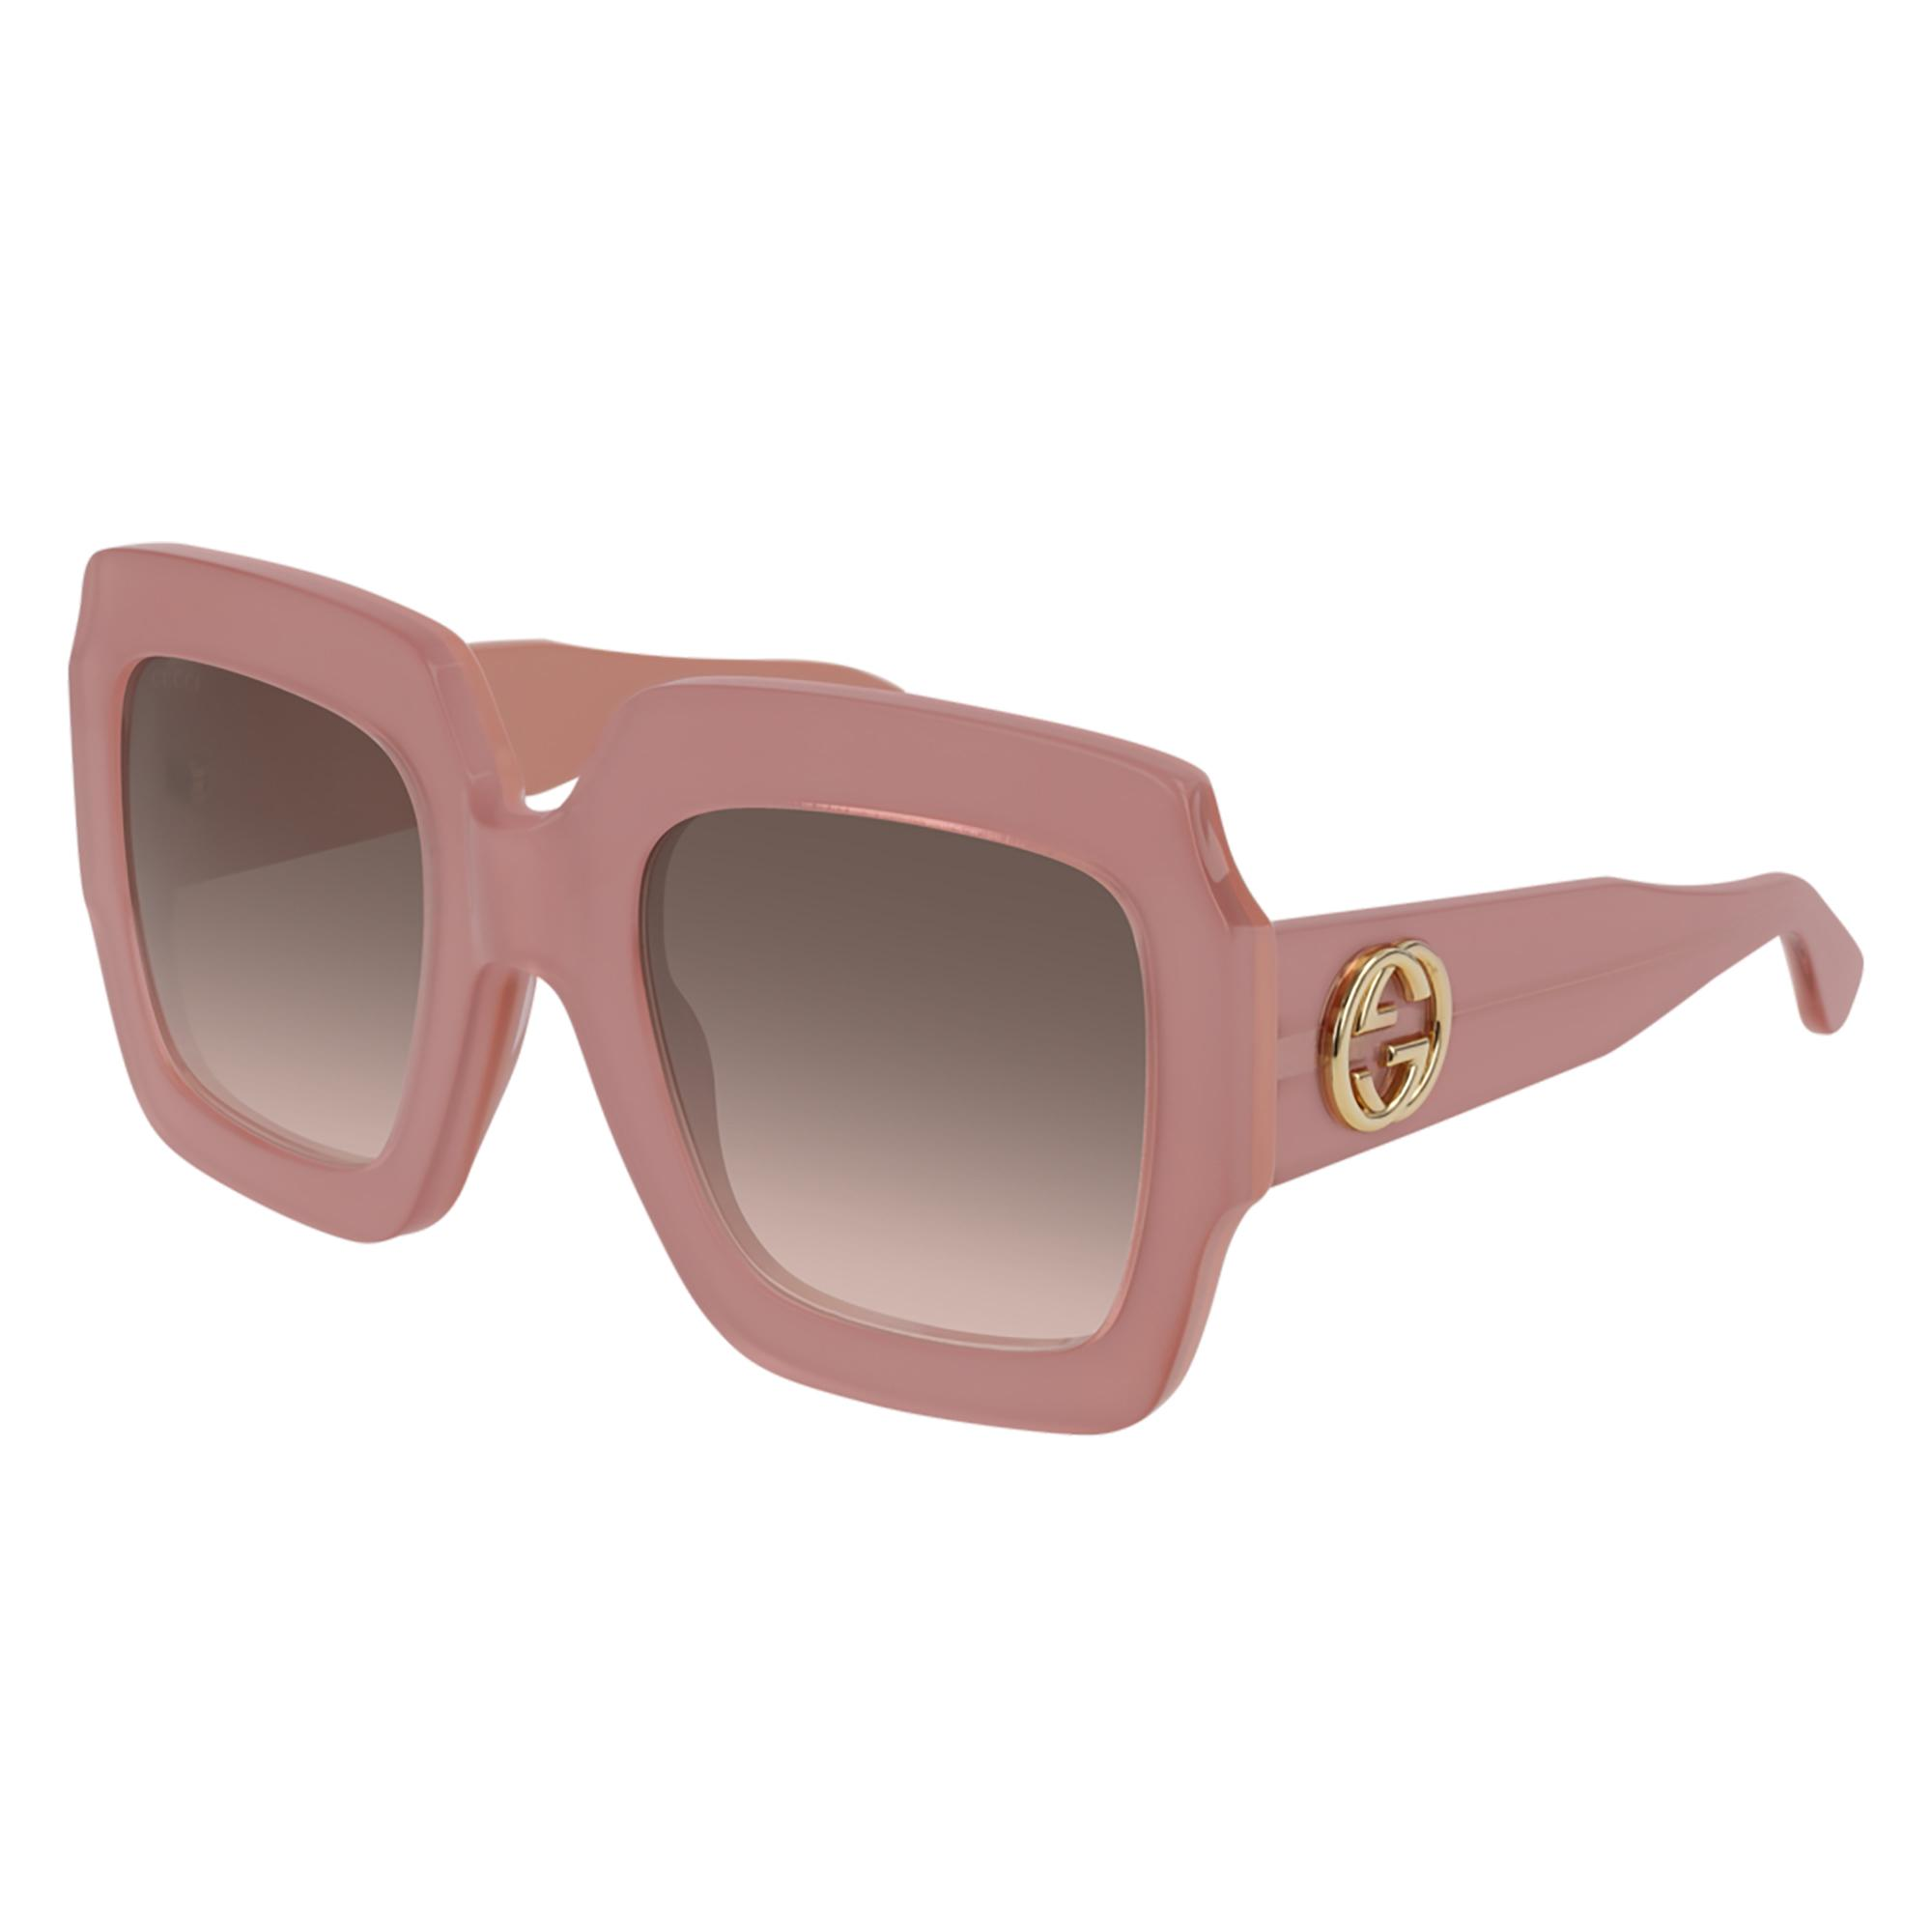 007 pink pink brown